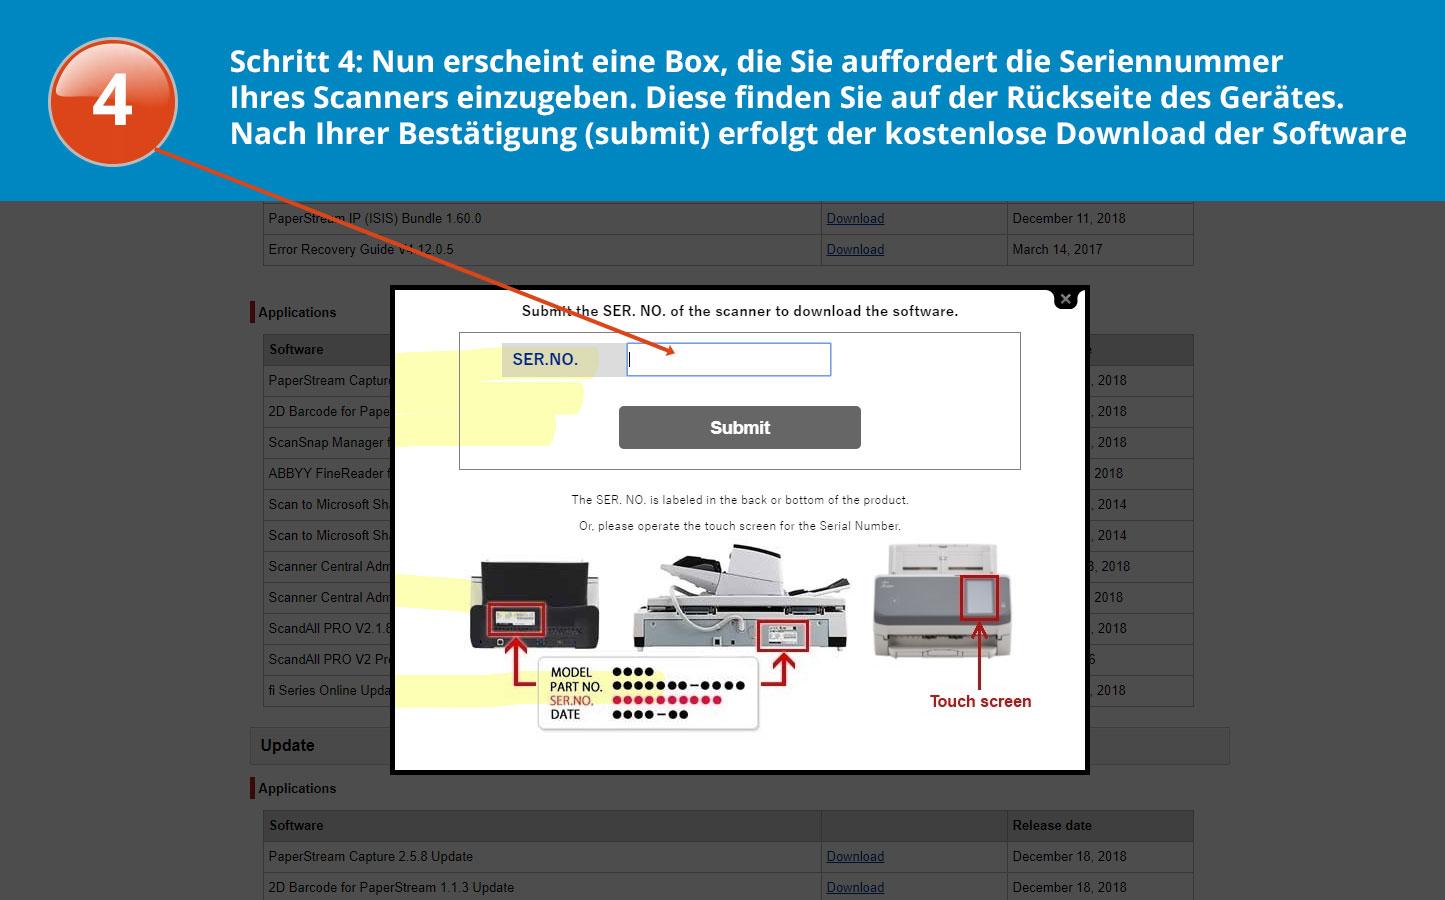 Software download für den fi-7600 Schritt 4 Anleitung